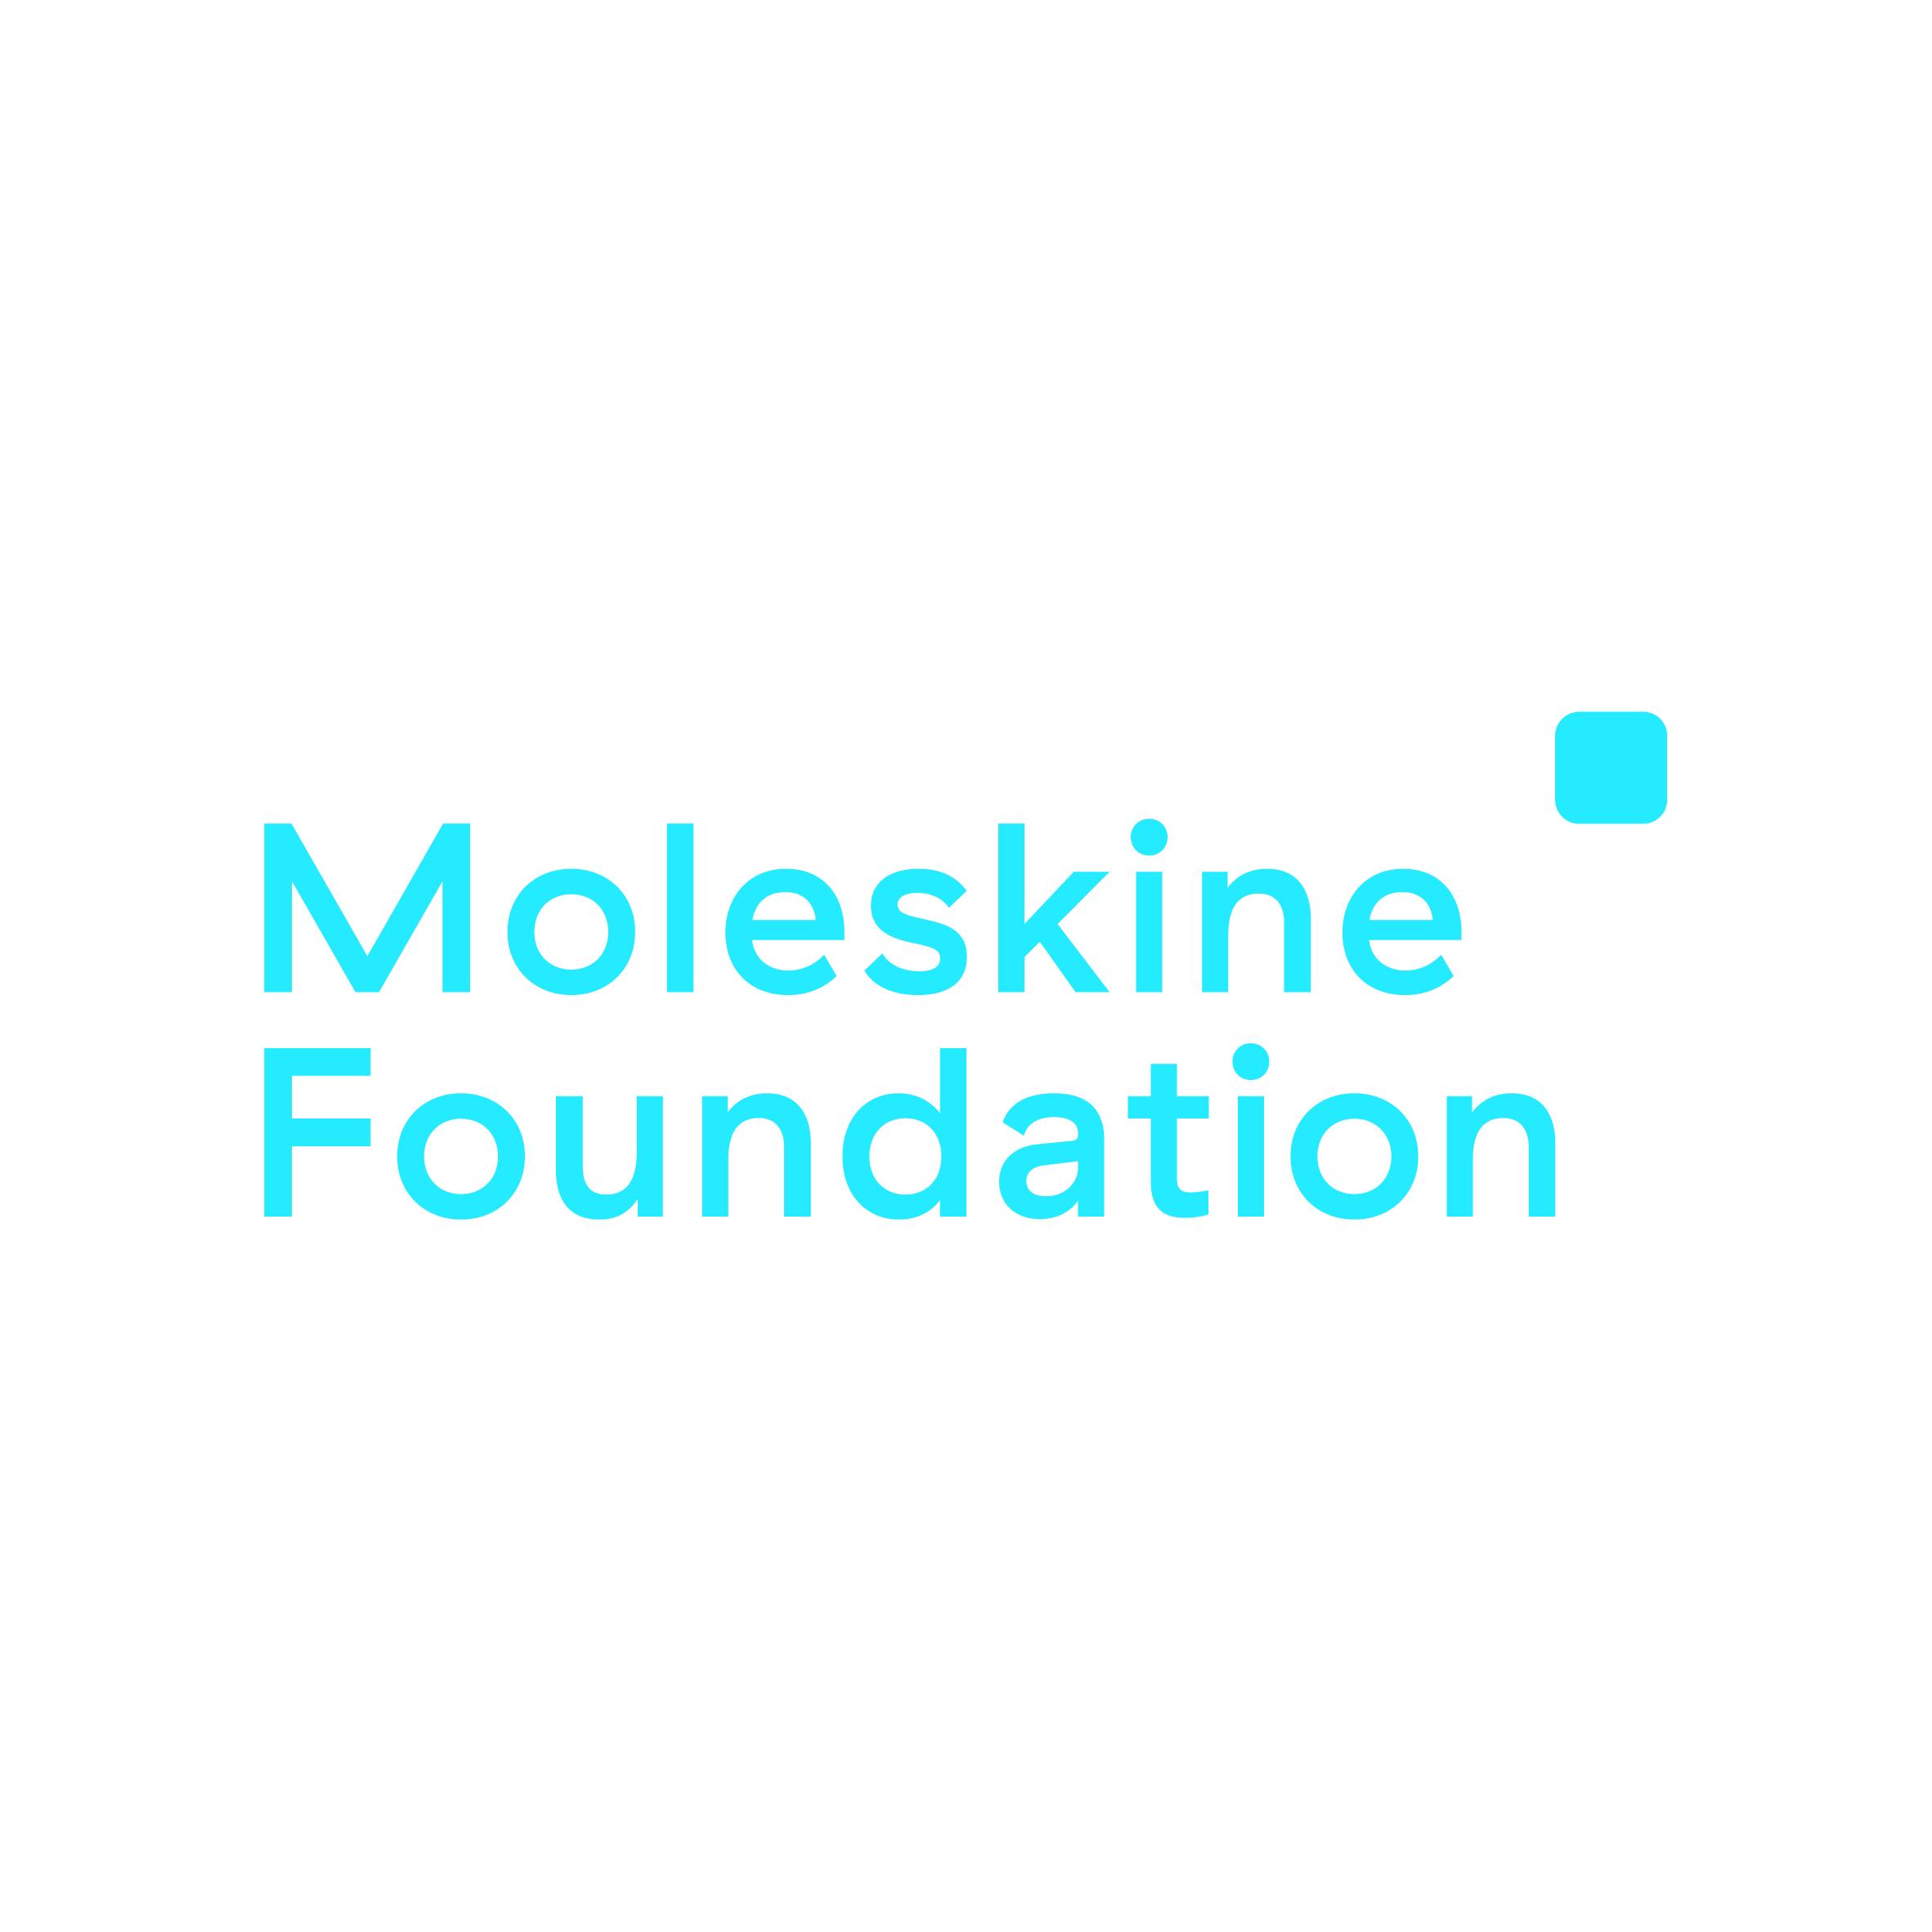 Moleskine Foundation